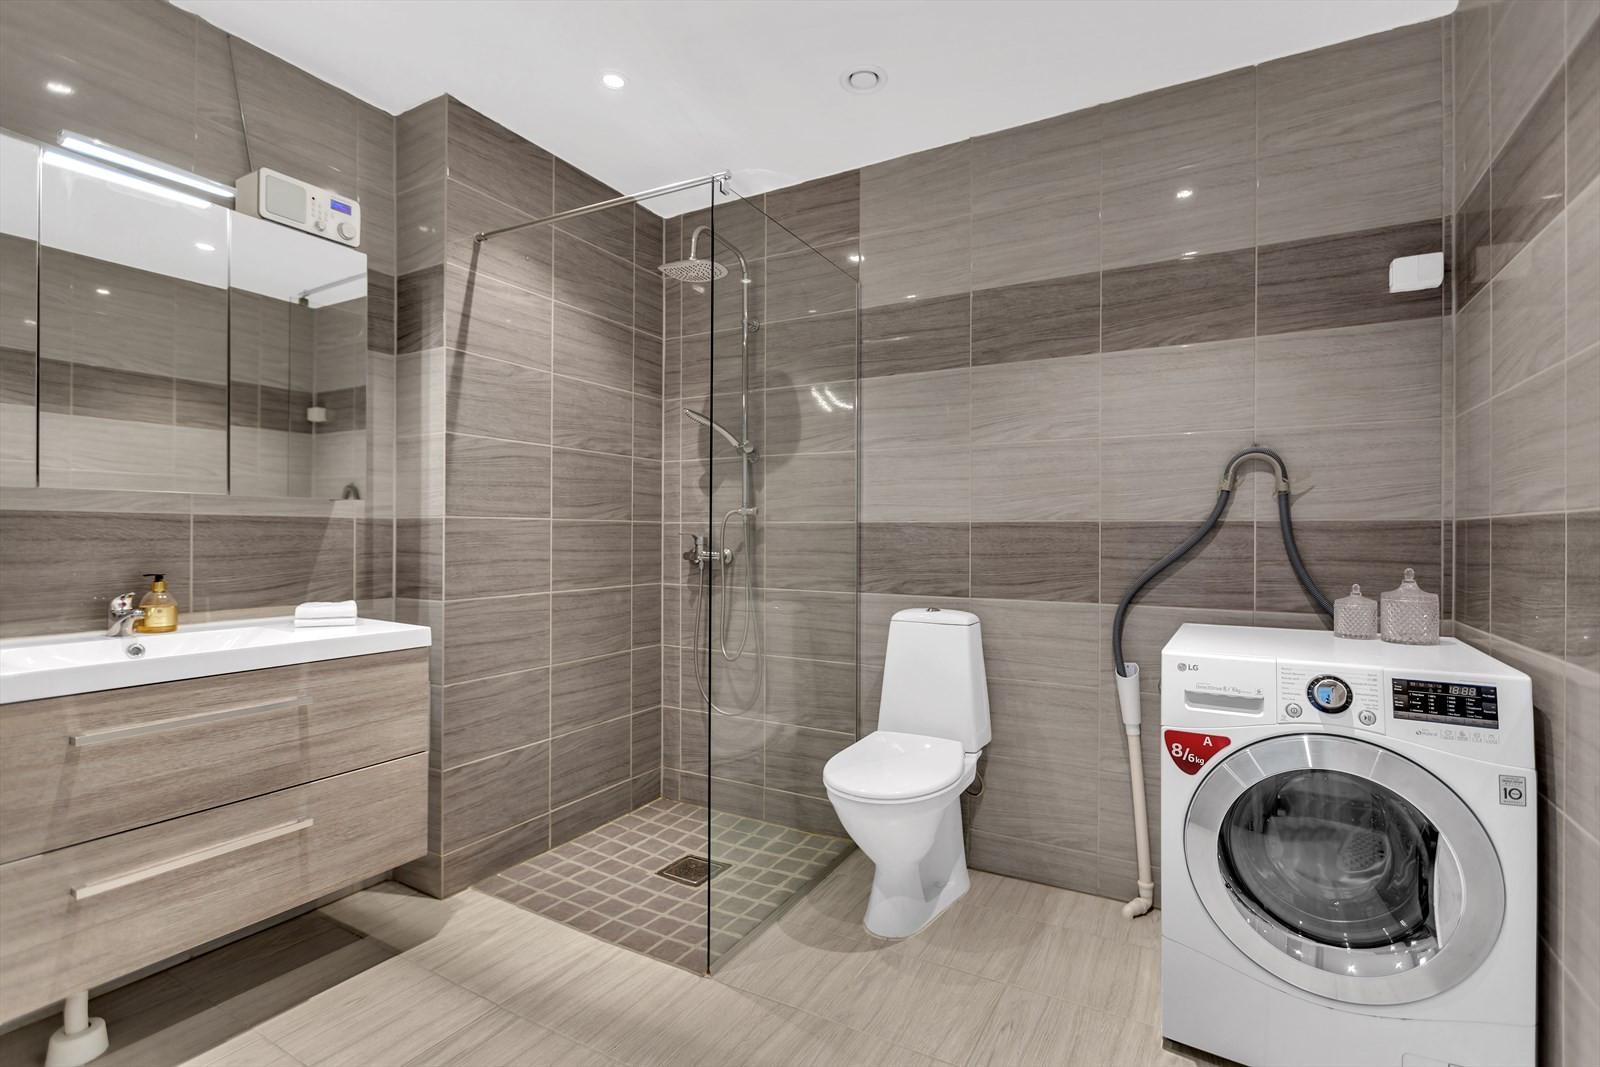 Komplett og moderne  flislagt badrom m/ dusjnisje - 1. etasje. Opplegg til vaskemaskin.